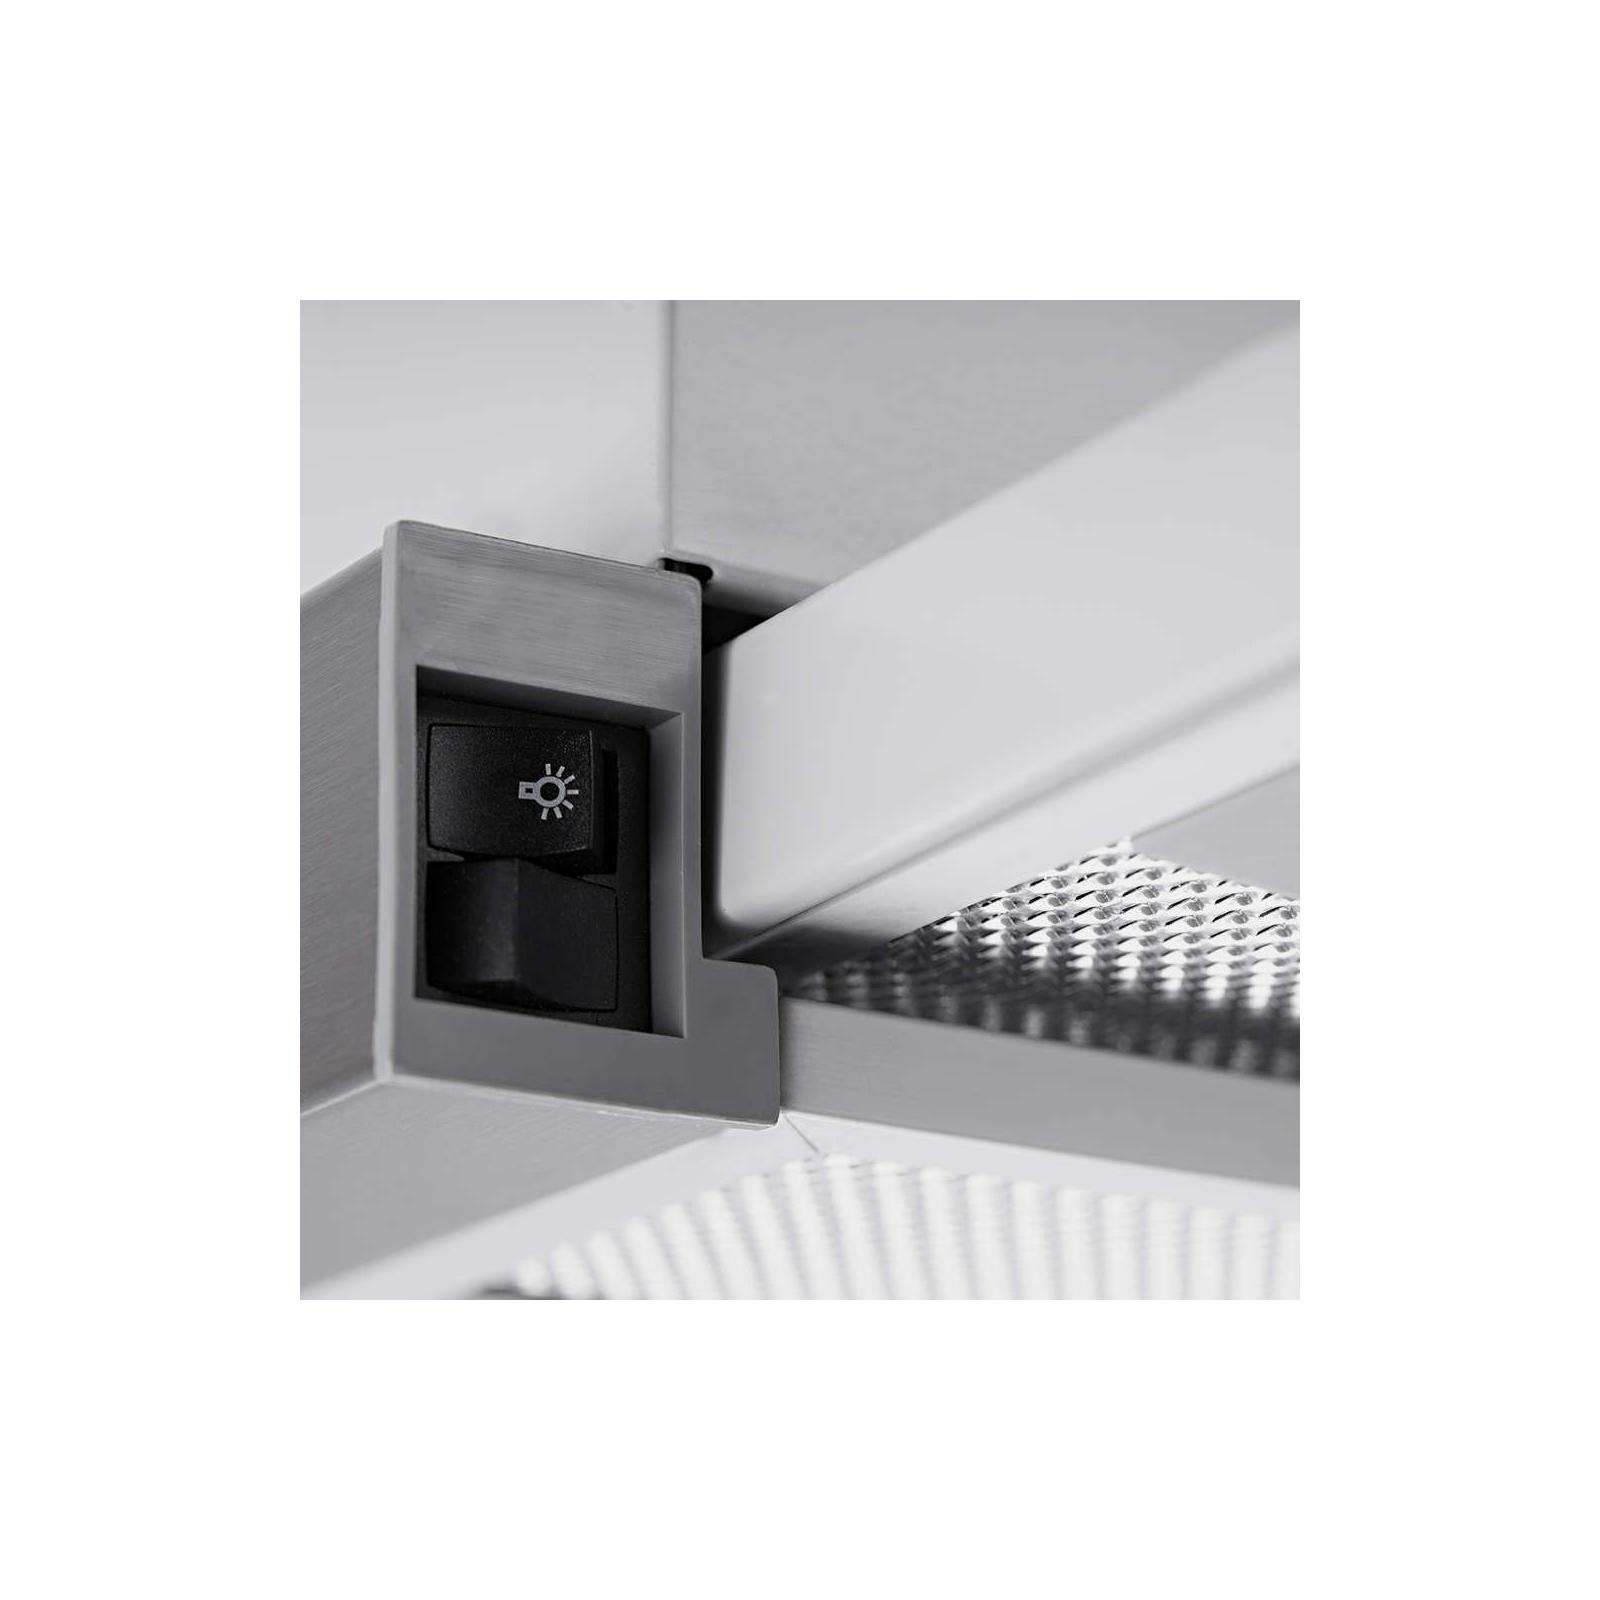 Вытяжка кухонная PYRAMIDA TL 50 (1100) IV изображение 5